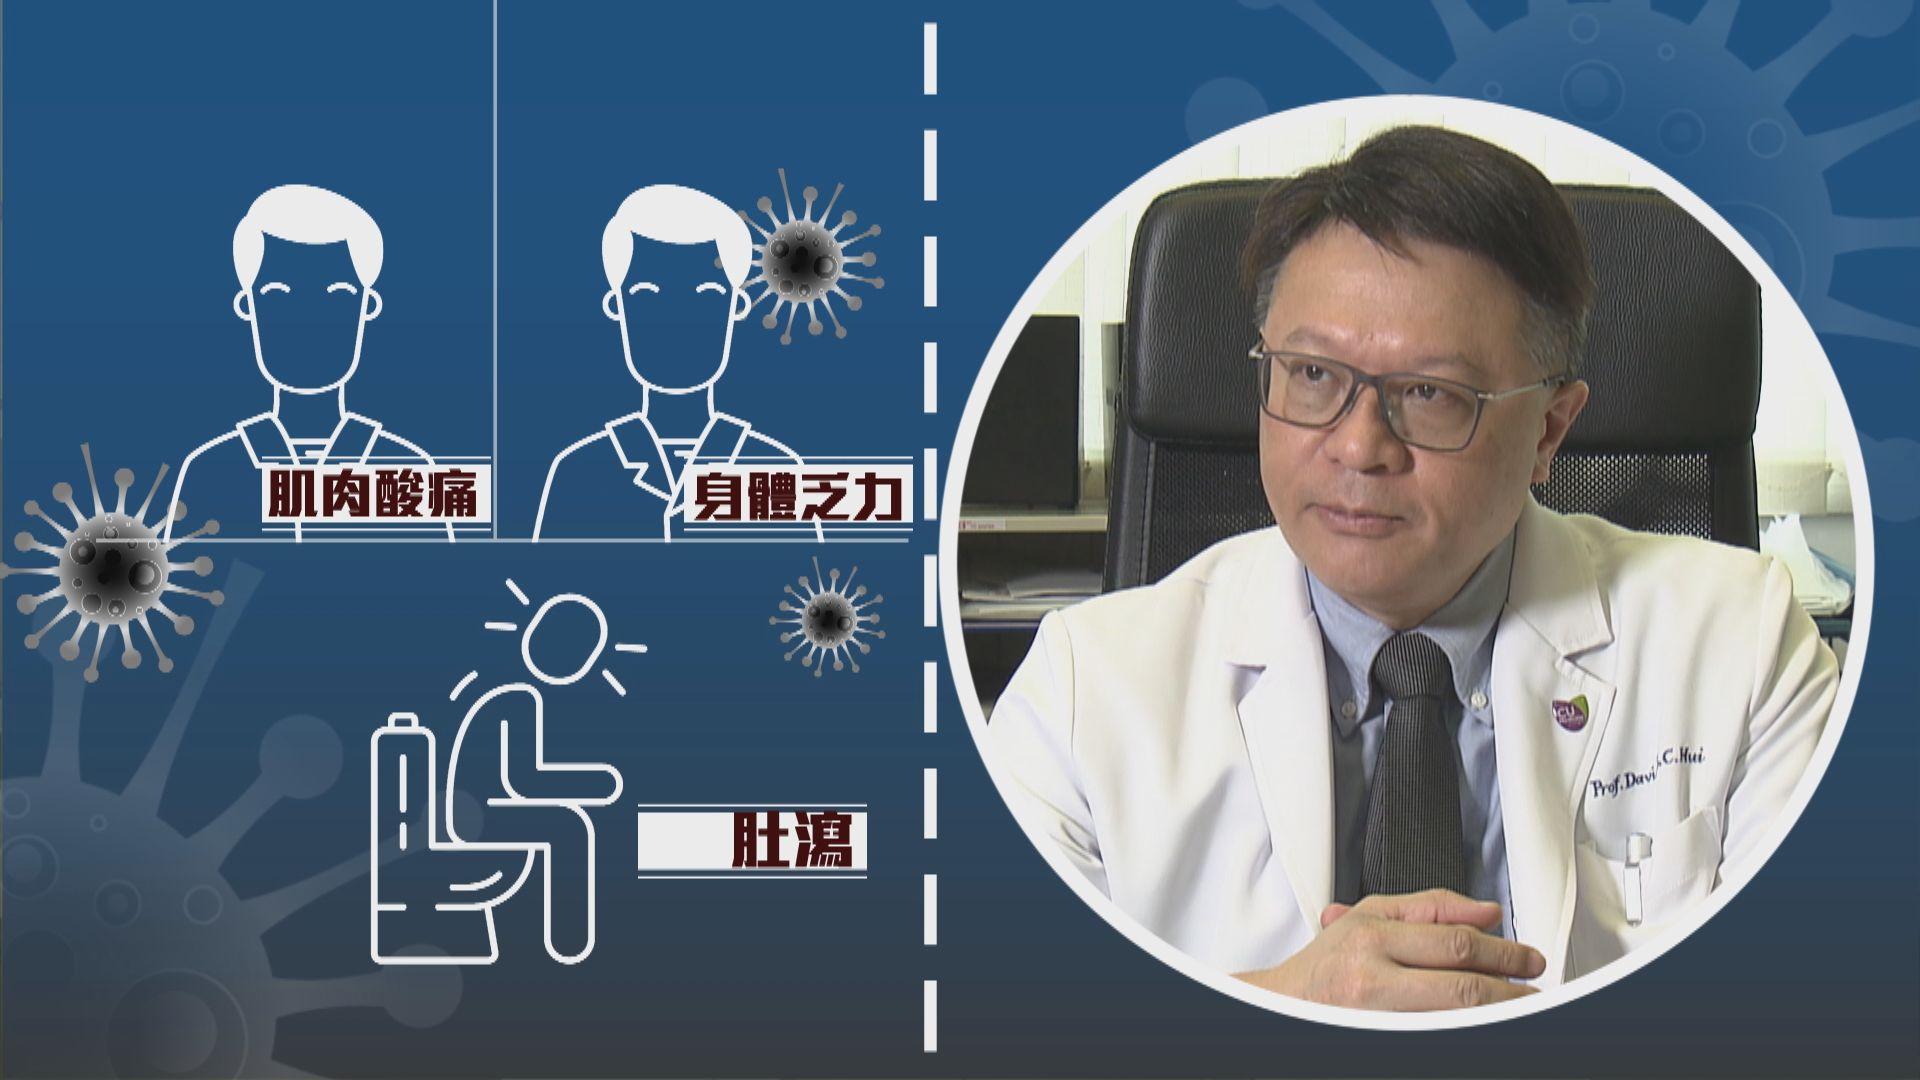 【抗疫一分鐘】新型肺炎病徵你要知